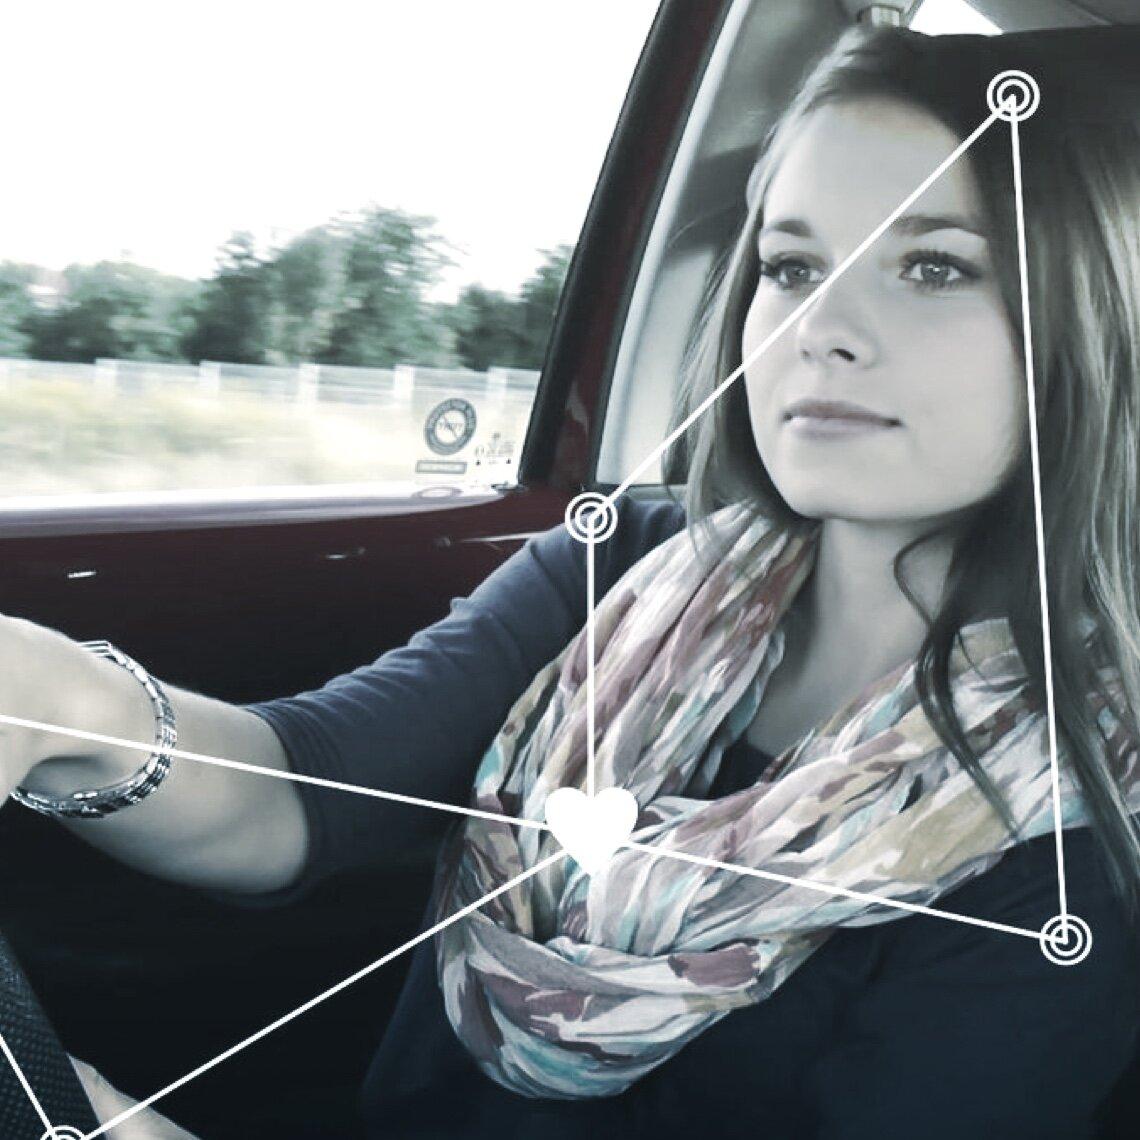 tech-monitoring-sys@2x.jpg